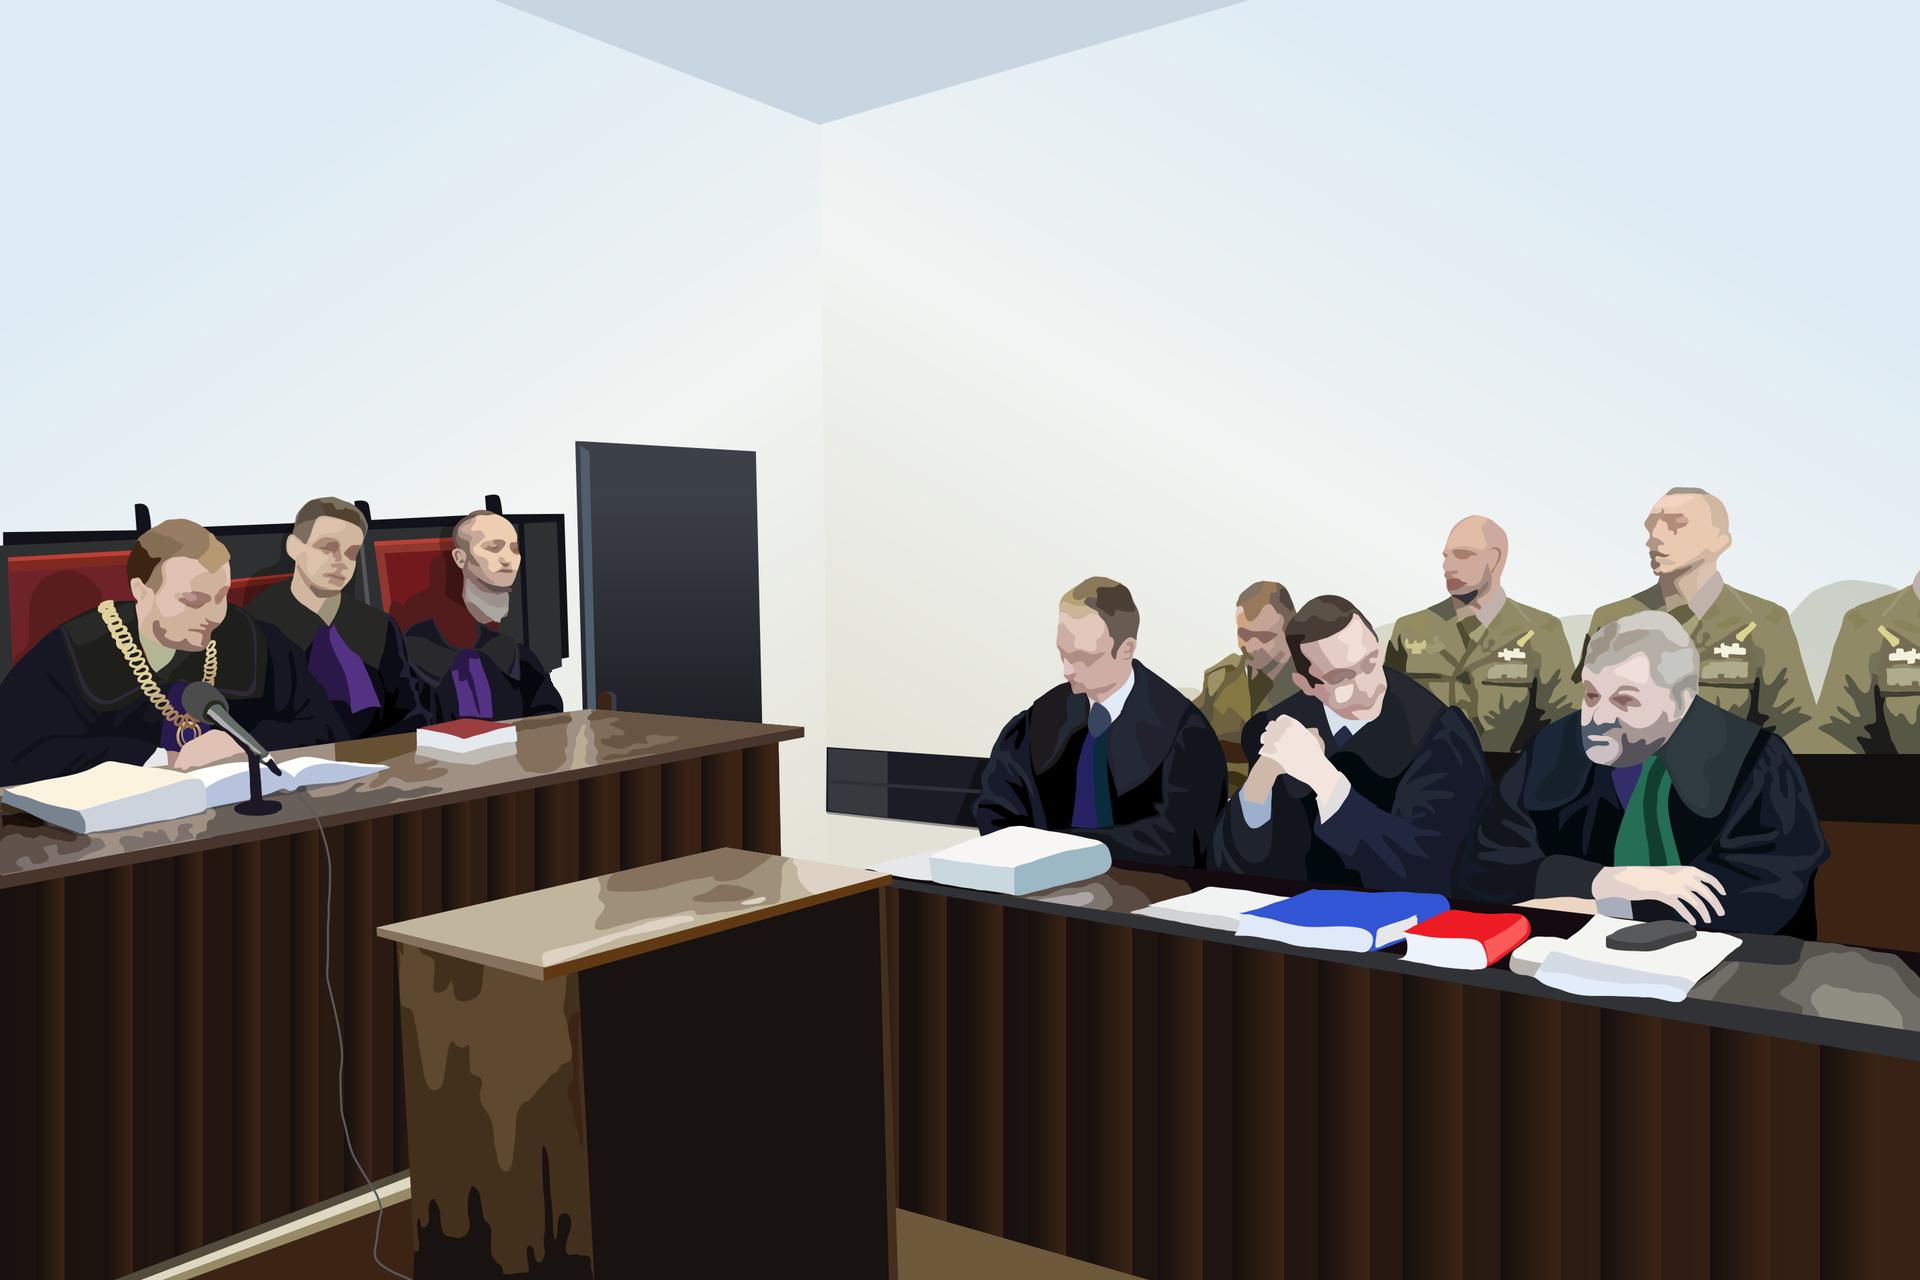 Kolorowe zdjęcie przedstawia salę sądową. Po lewej ława sędziowska. Sędzia oraz 2 ławników na prawo do sędziego. Po prawej stronie ława prostopadle ustawiona do sędziego. Trzy osoby siedzą: od lewej radca, oskarżony iadwokat. Wgłębi, za siedzącymi, stoją 4 żołnierze wmundurach.